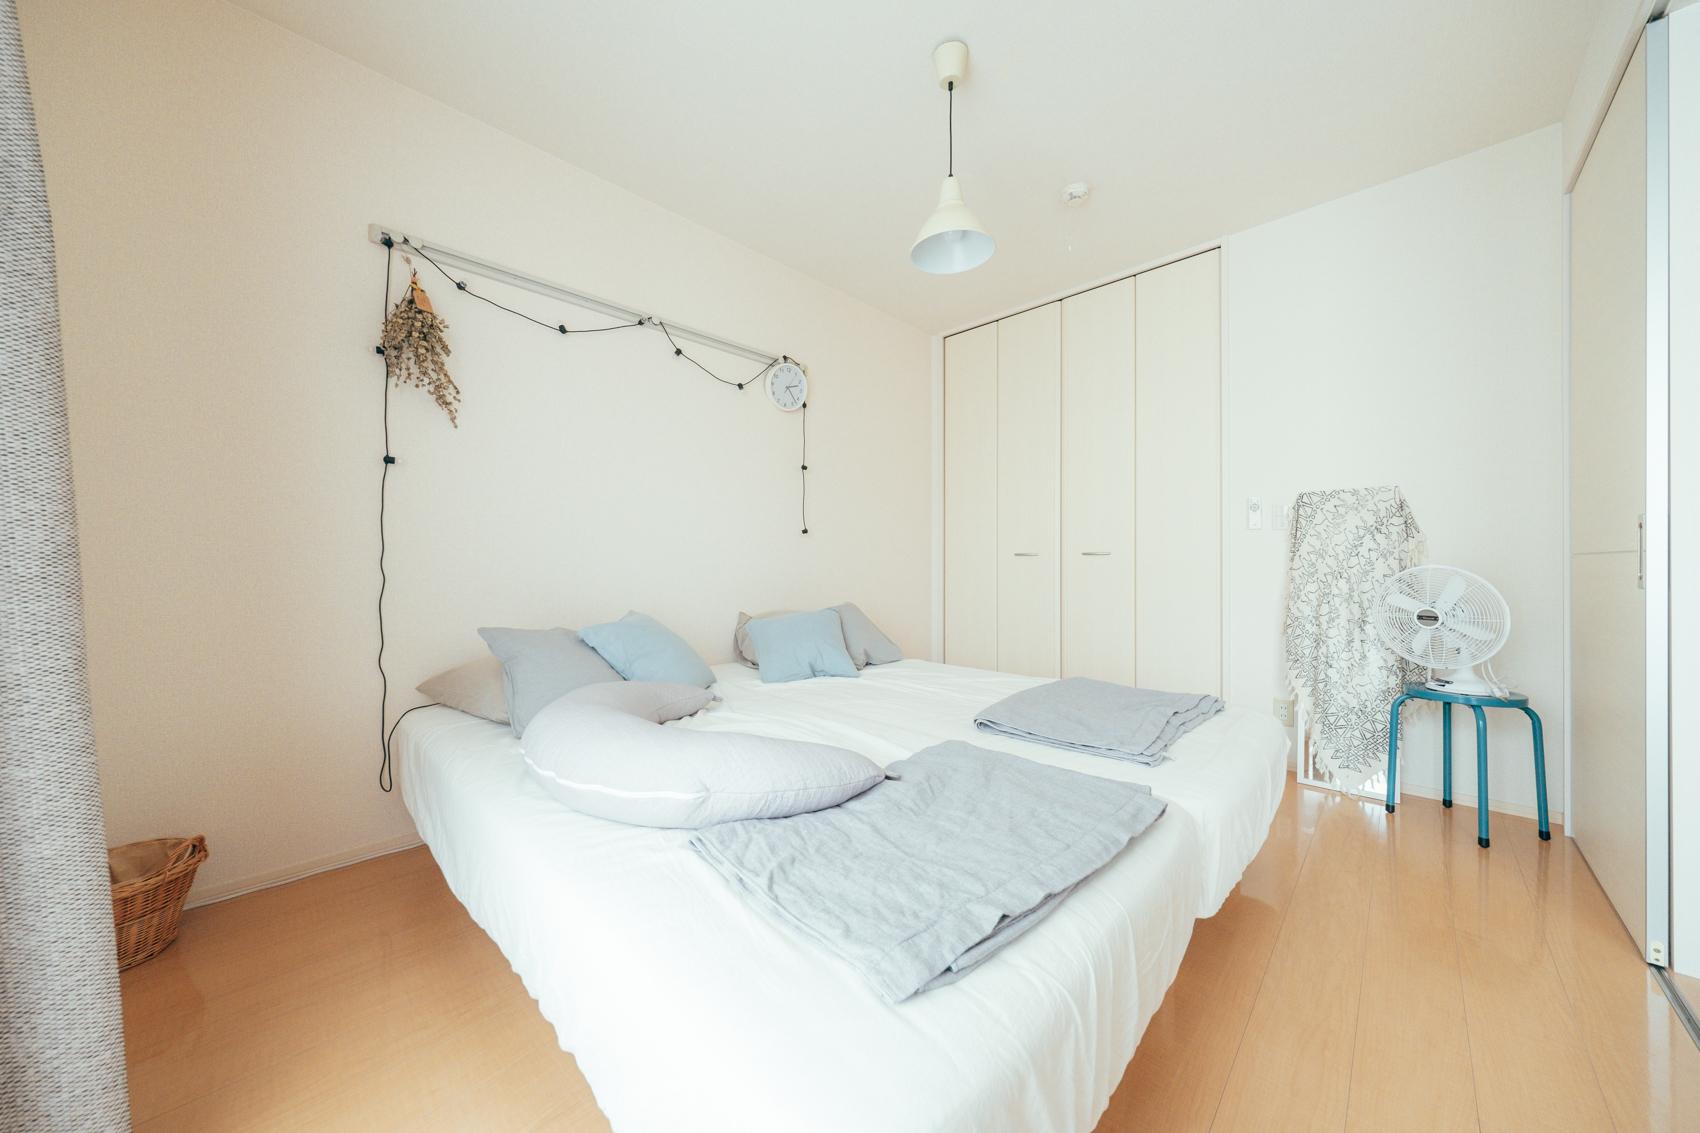 日当たりの良さは寝室も同様に、白さが広々とした印象を与えます。